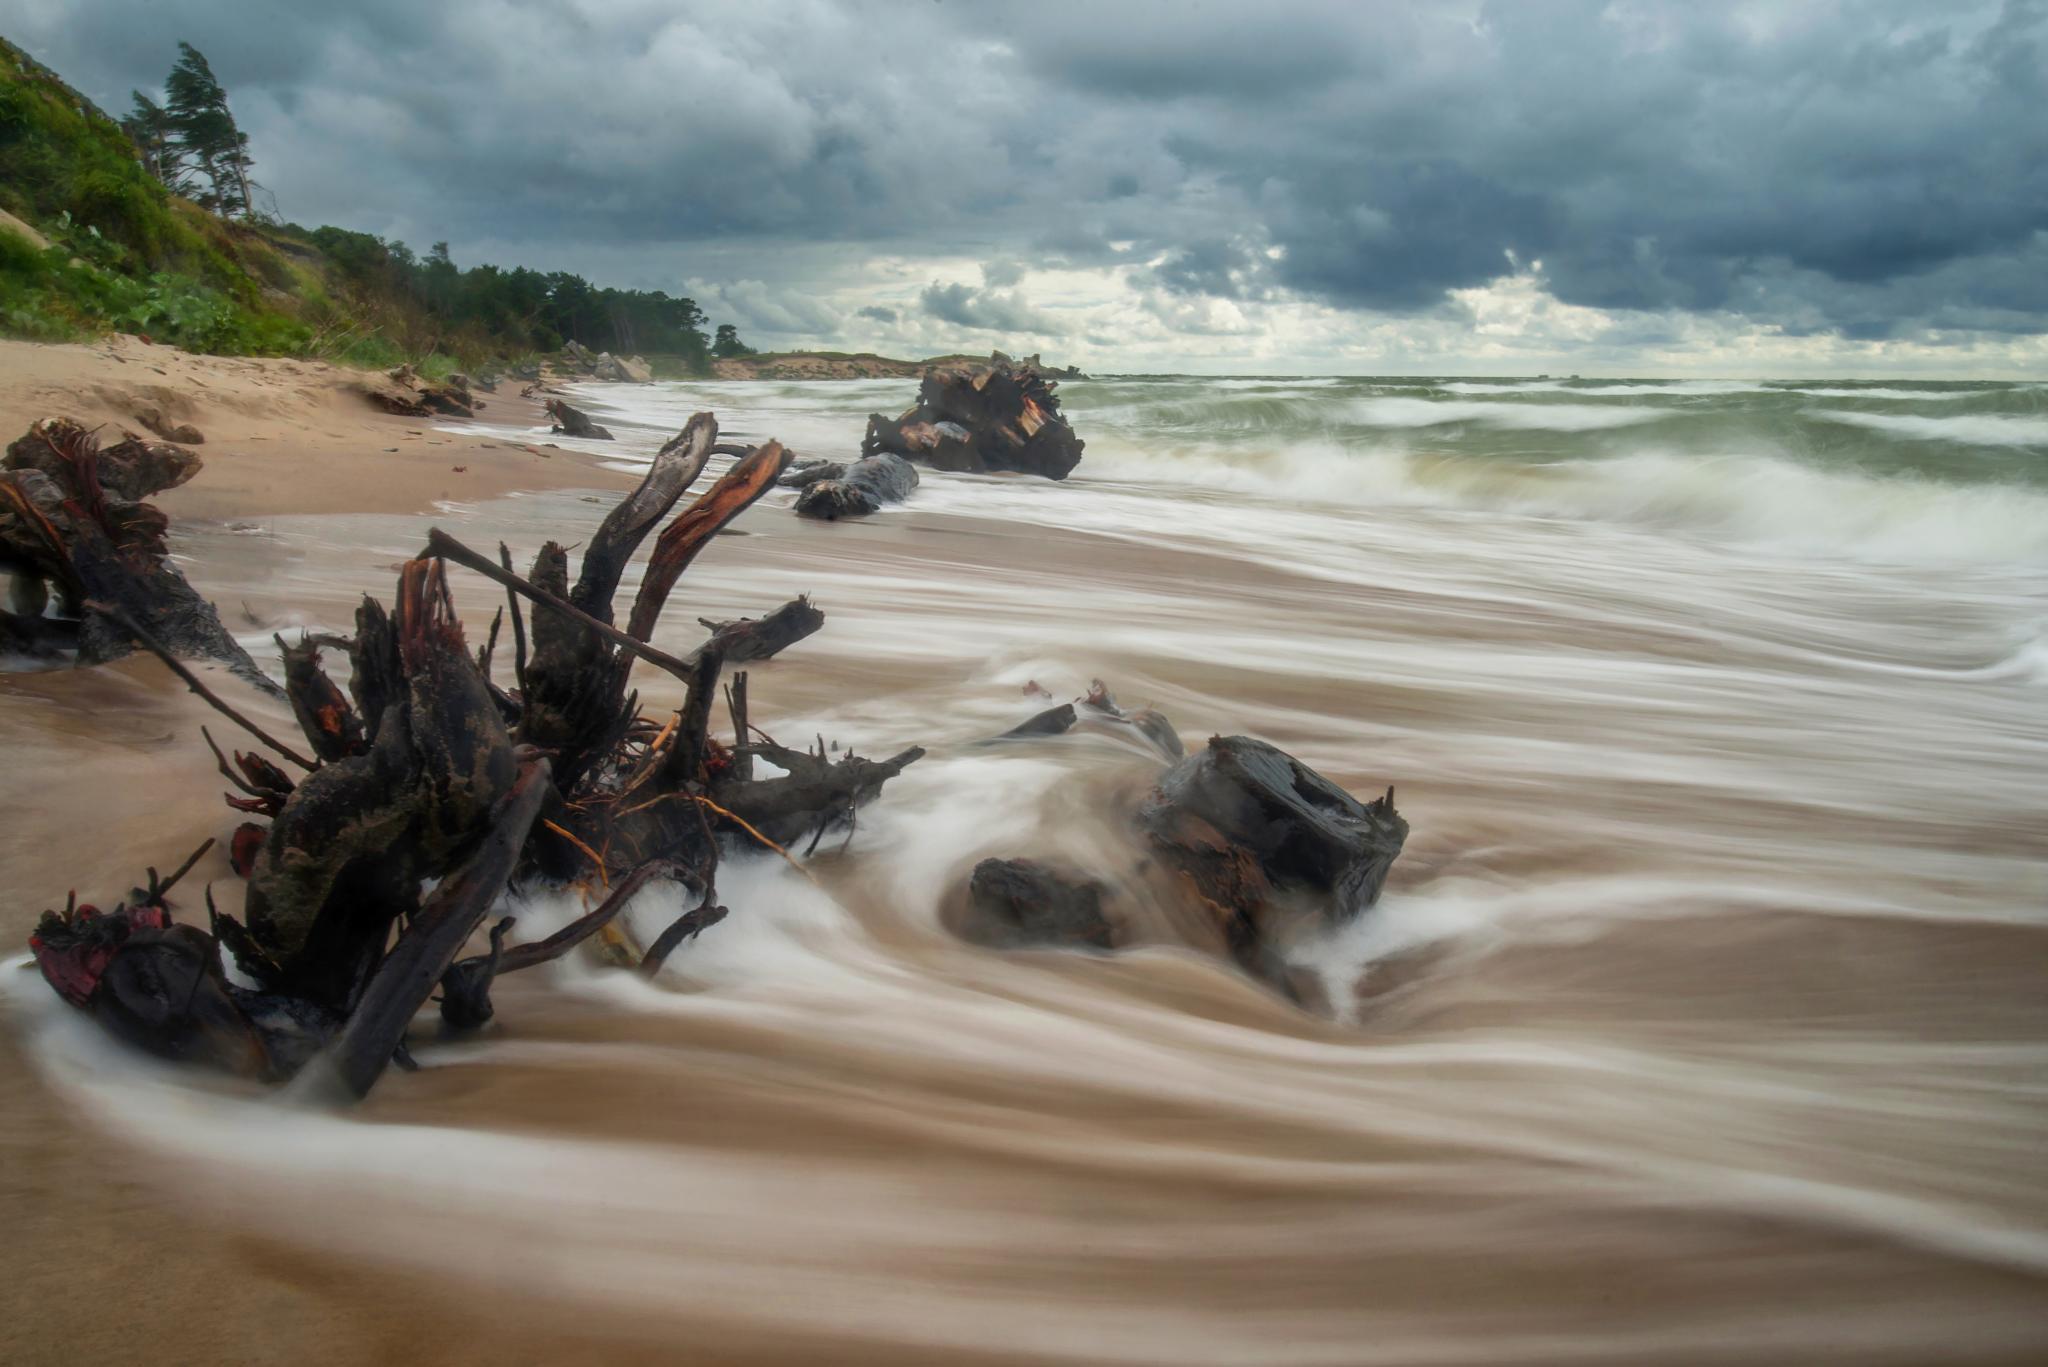 Liepājas windy beach by Olegs Bucis